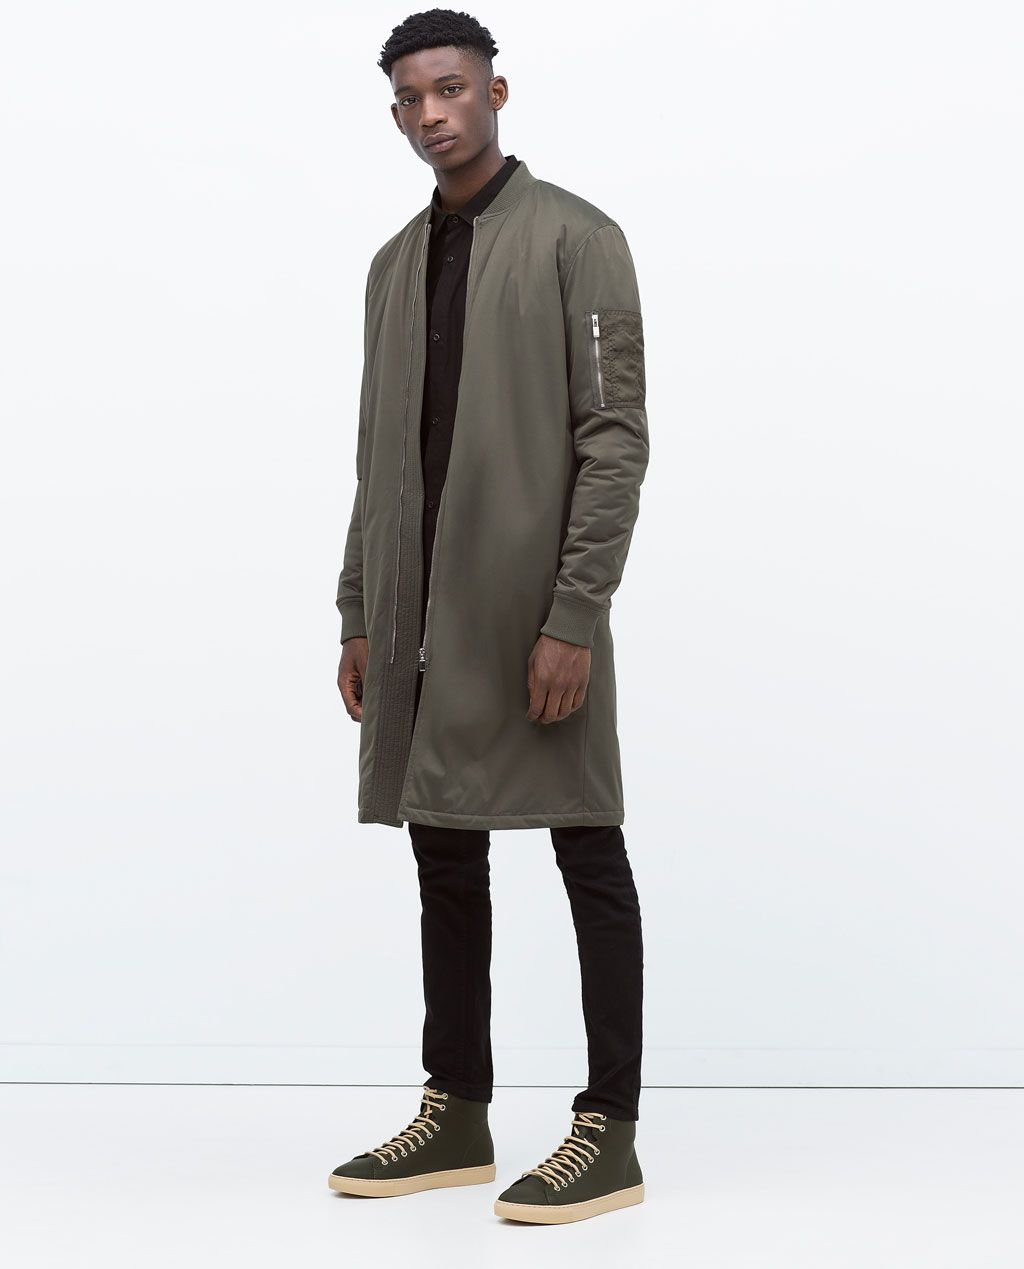 Suéter de Otoño Invierno para hombre cárdigan tejido